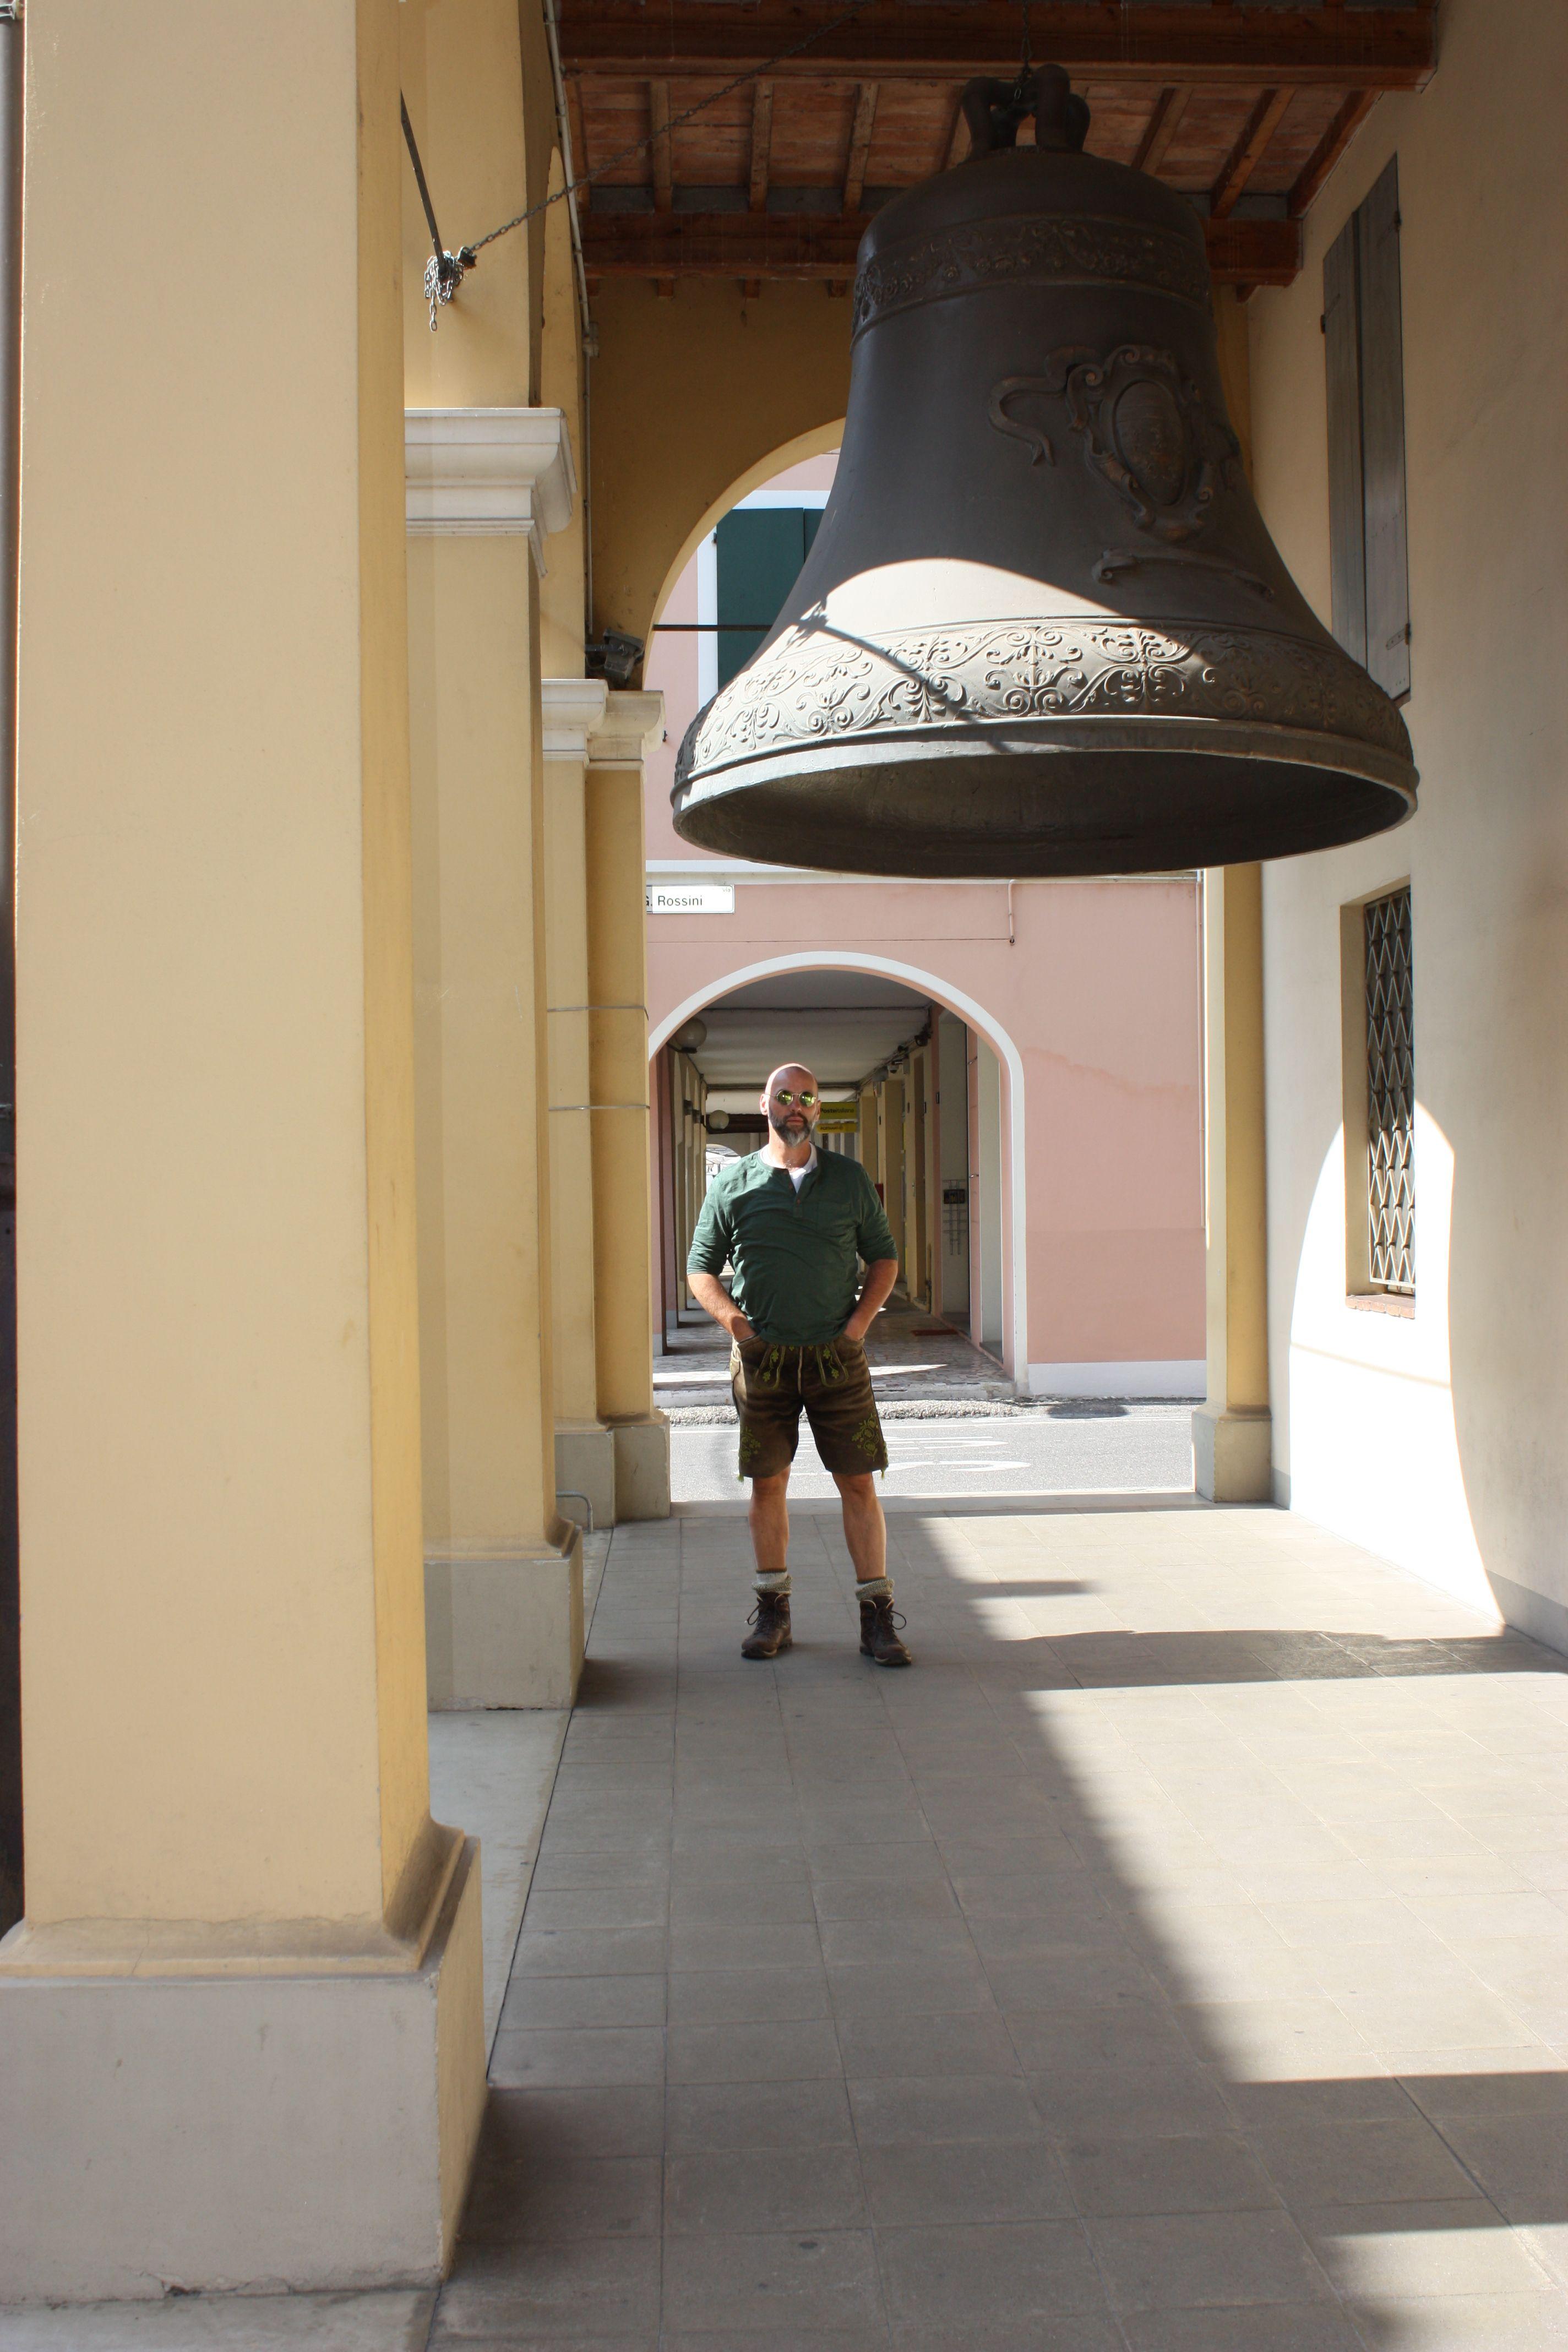 Glocke unter der Peppone eingeklemmt war aus Pappmache